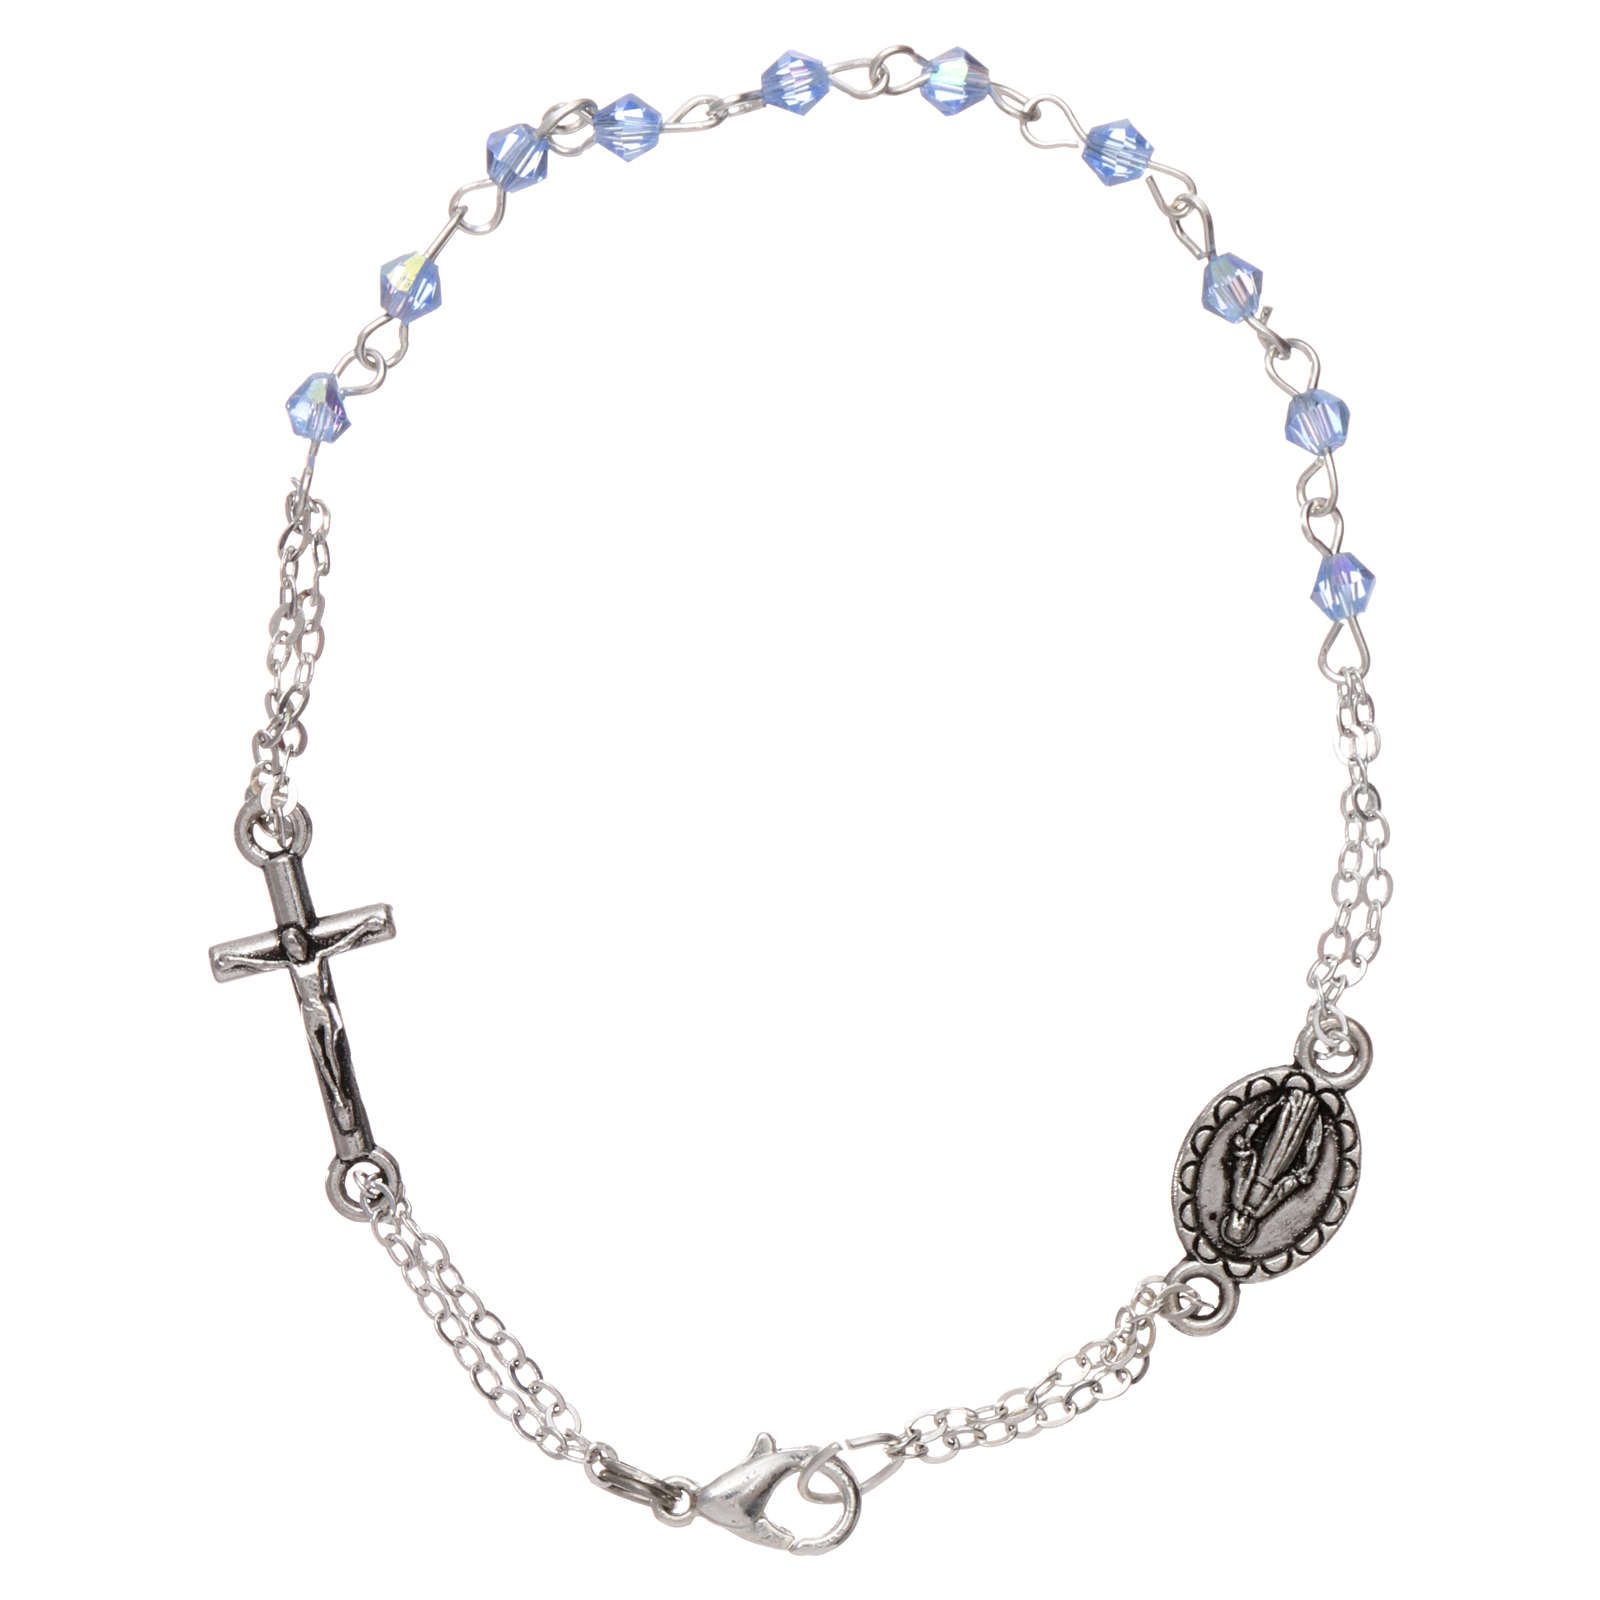 Bracciale decina chiusura catena grani rombo celeste croce e medaglia grani 1 mm 4